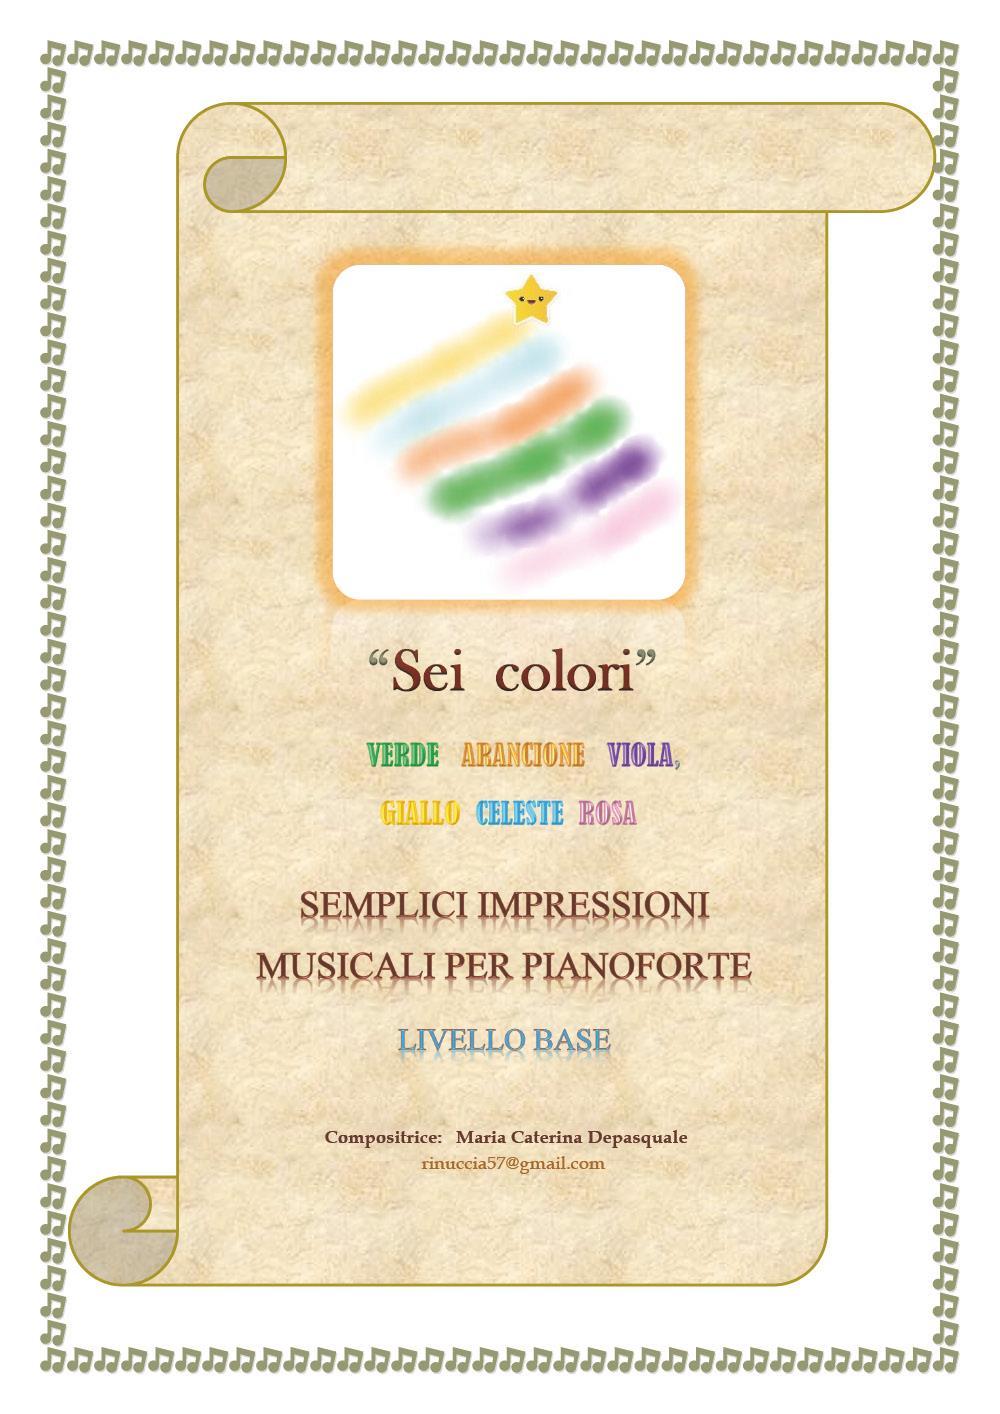 Sei colori (semplici impressioni musicali per pianoforte - livello base)